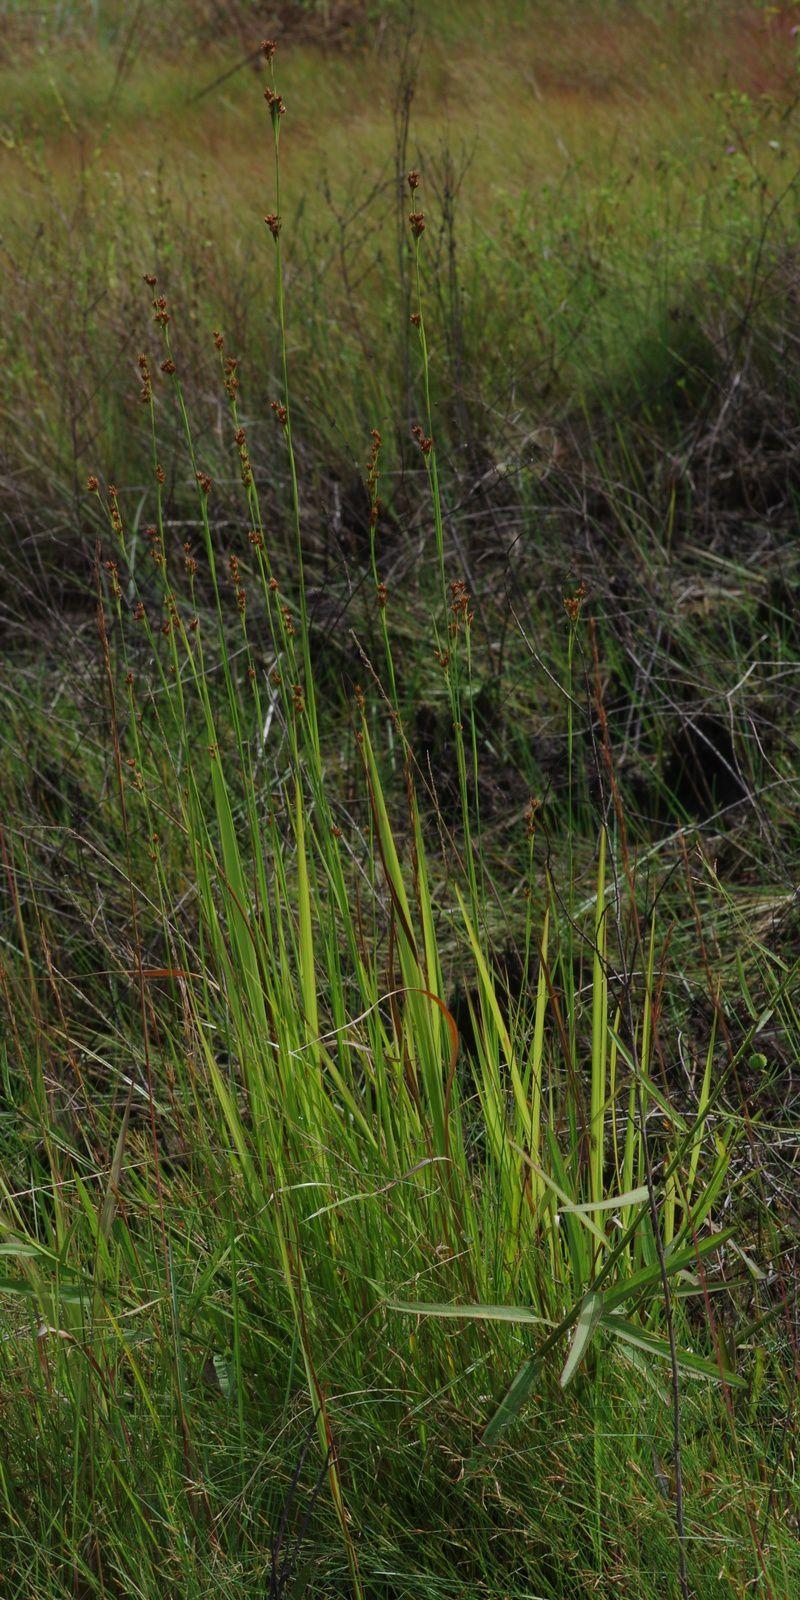 Rhynchospora rugosa